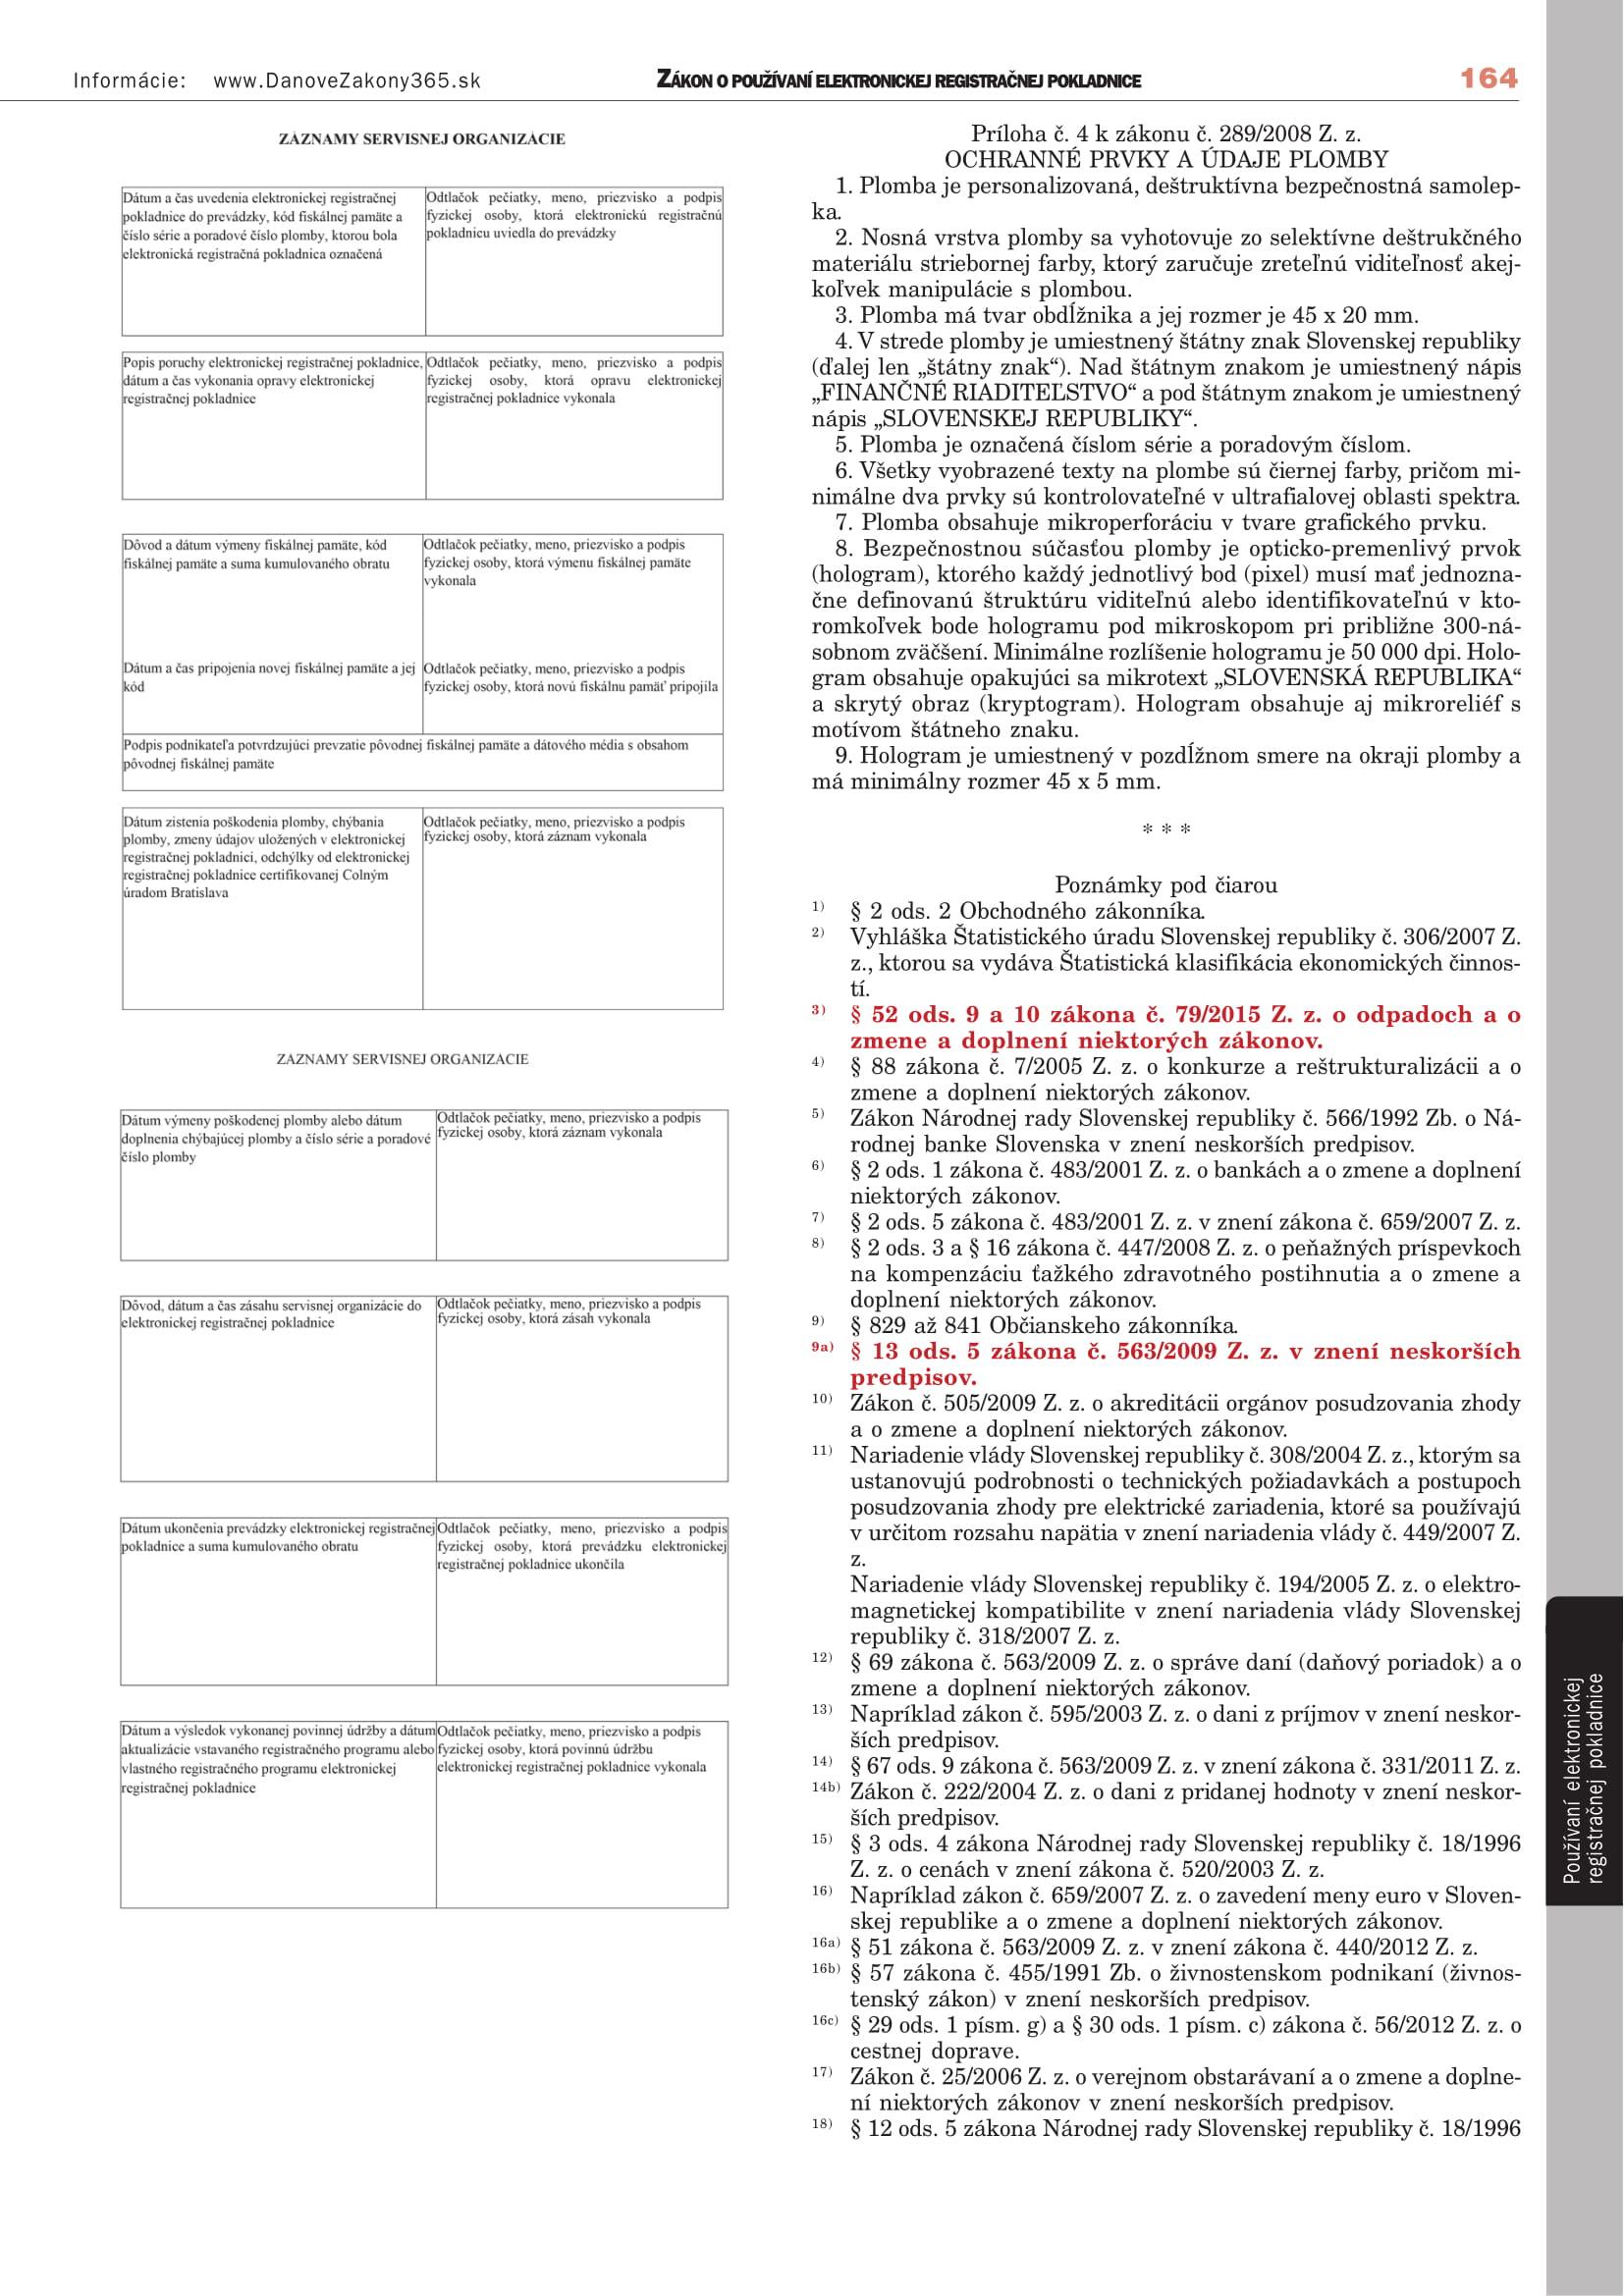 alto_zakon_o_registracnych_pokladniach_2019_po_jednej_stranane-19